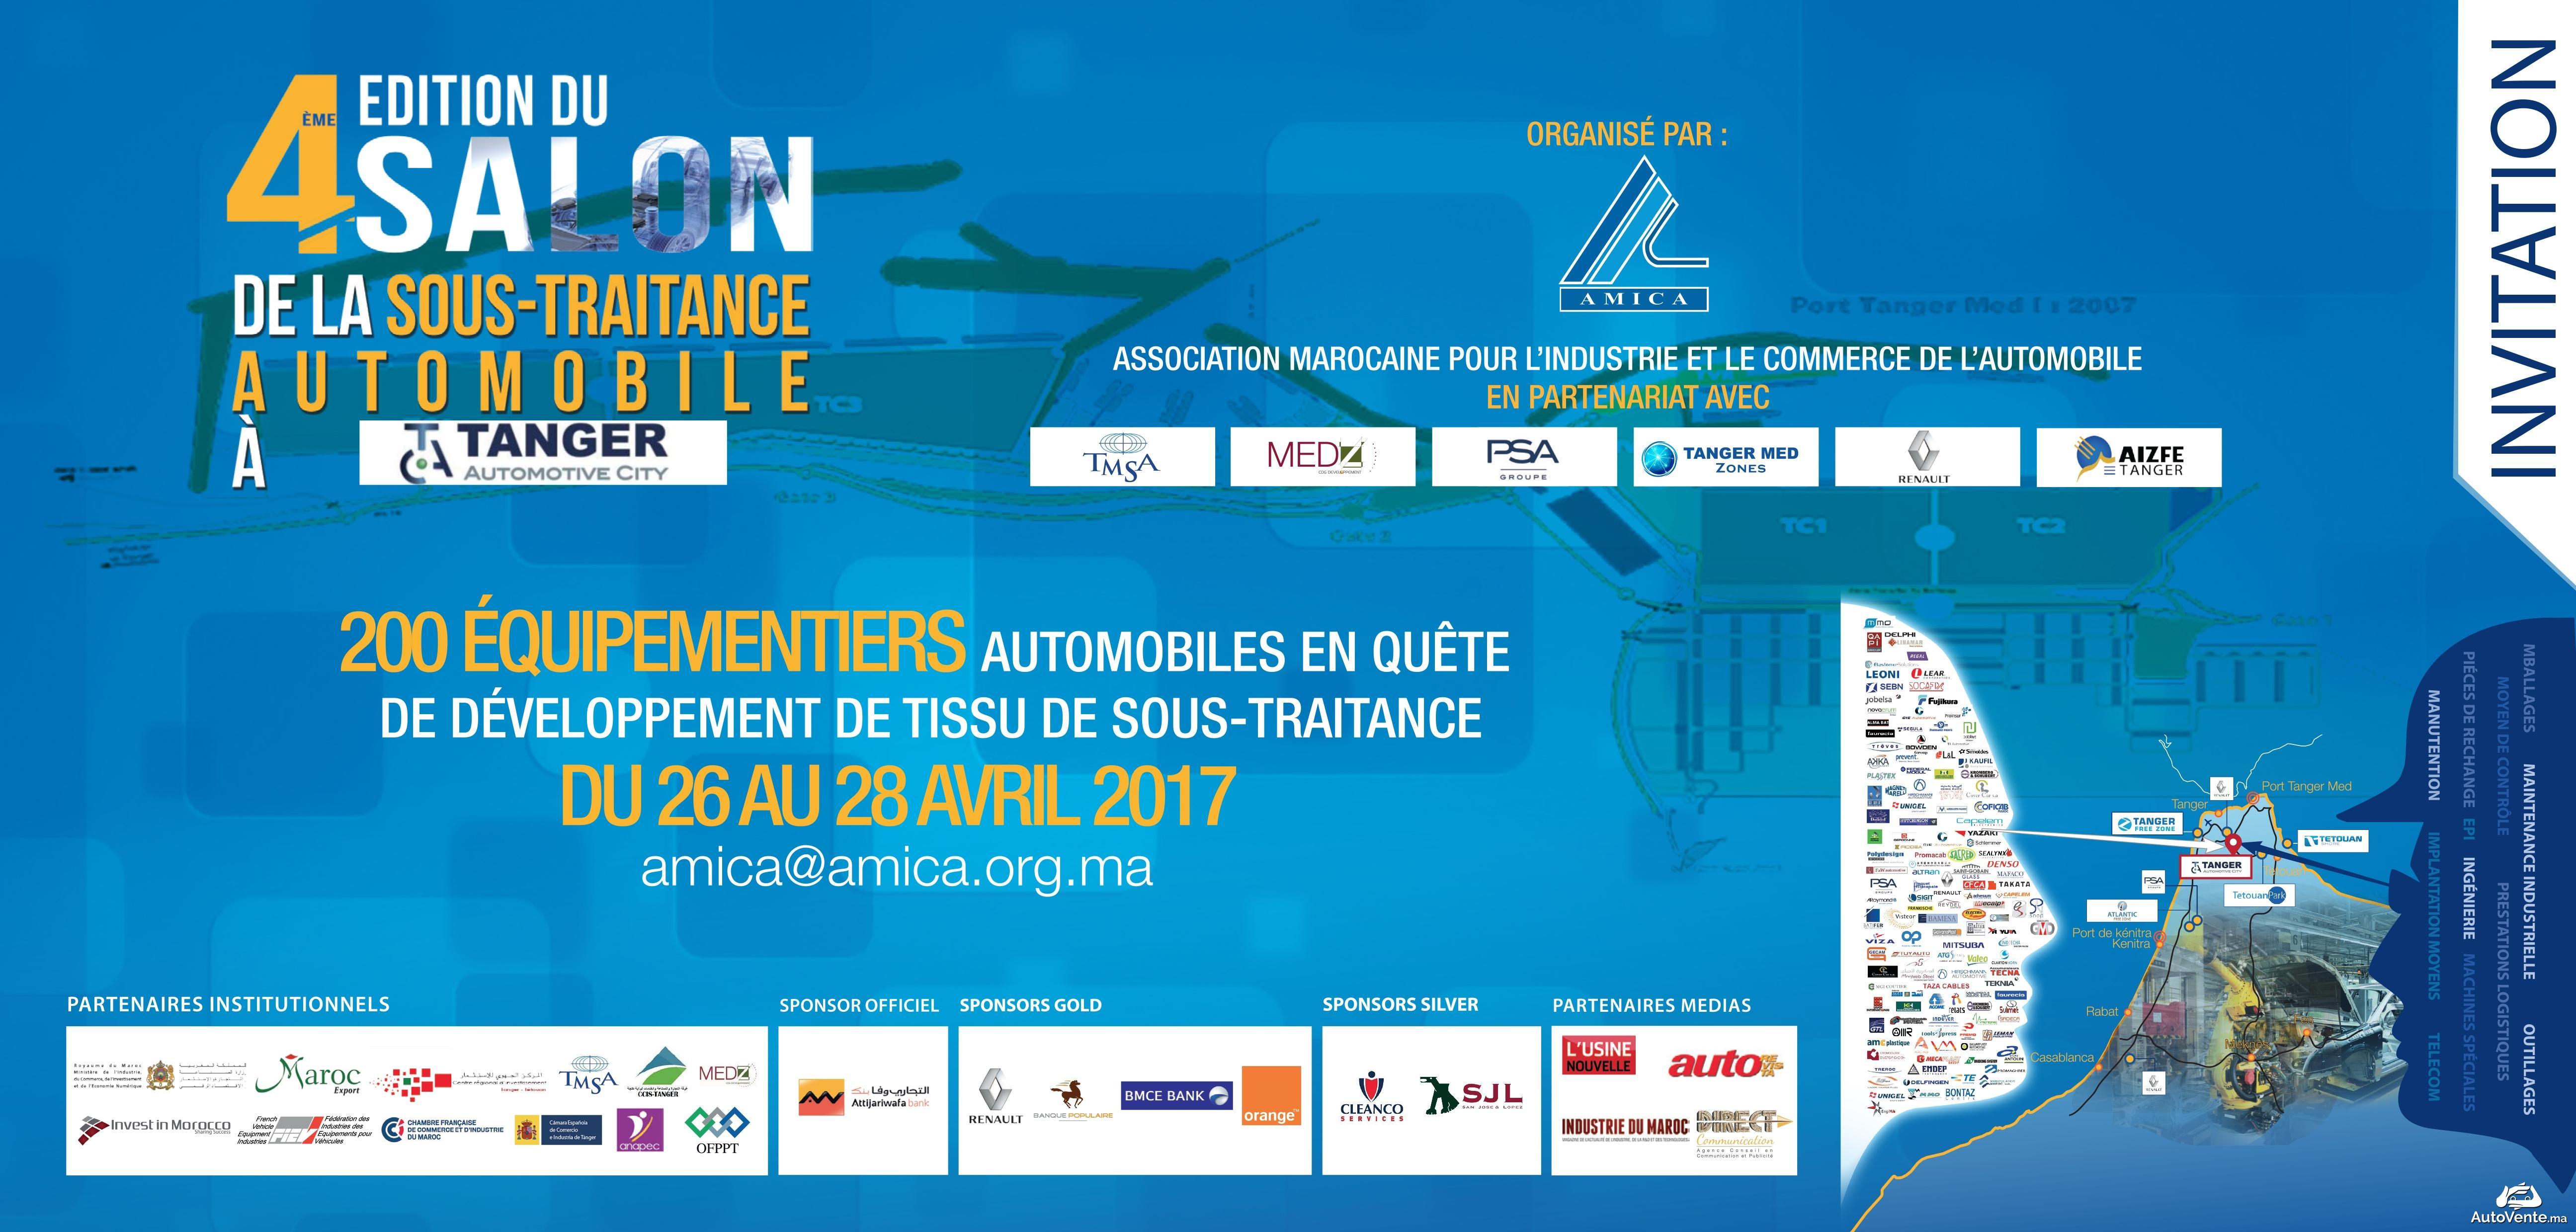 Le secteur marocain de l'automobile revoit ses ambitions à la hausse